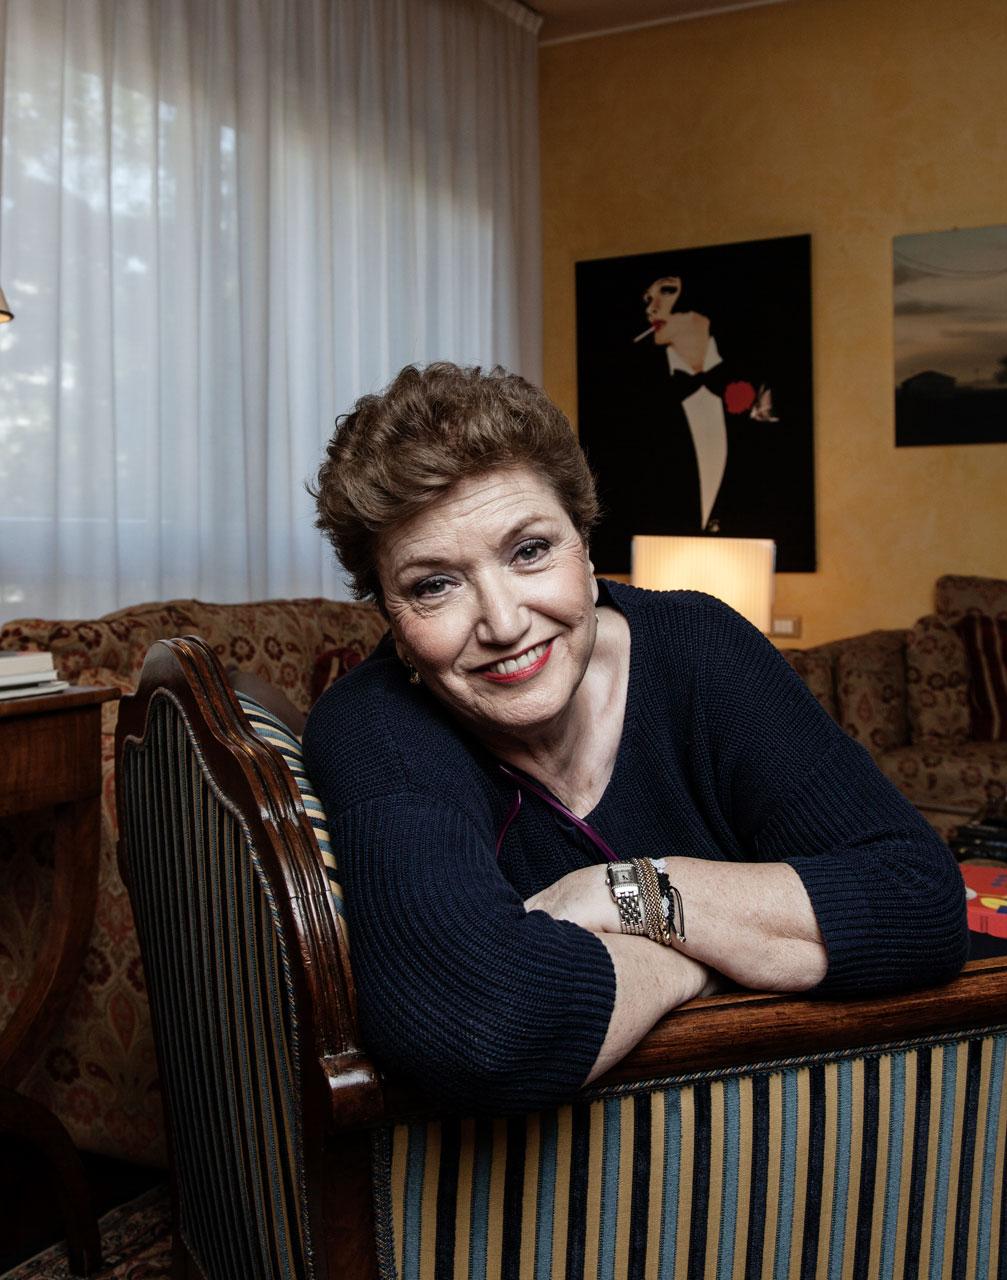 Intervista Mara Maionchi